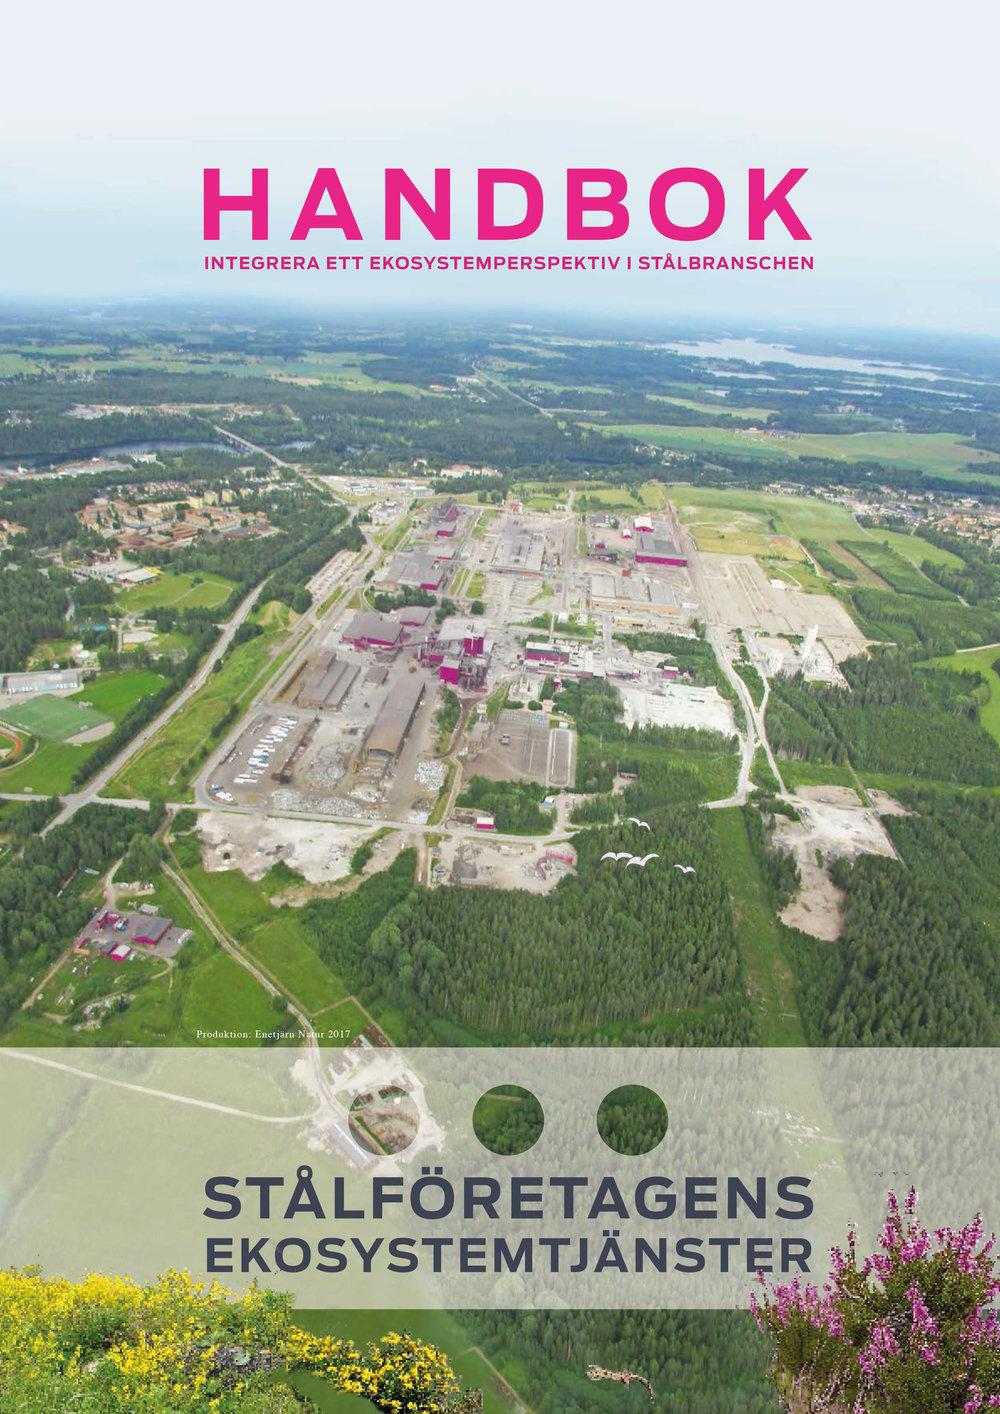 Handbok om att integrera ett ekosystemperspektiv i stålbranschen